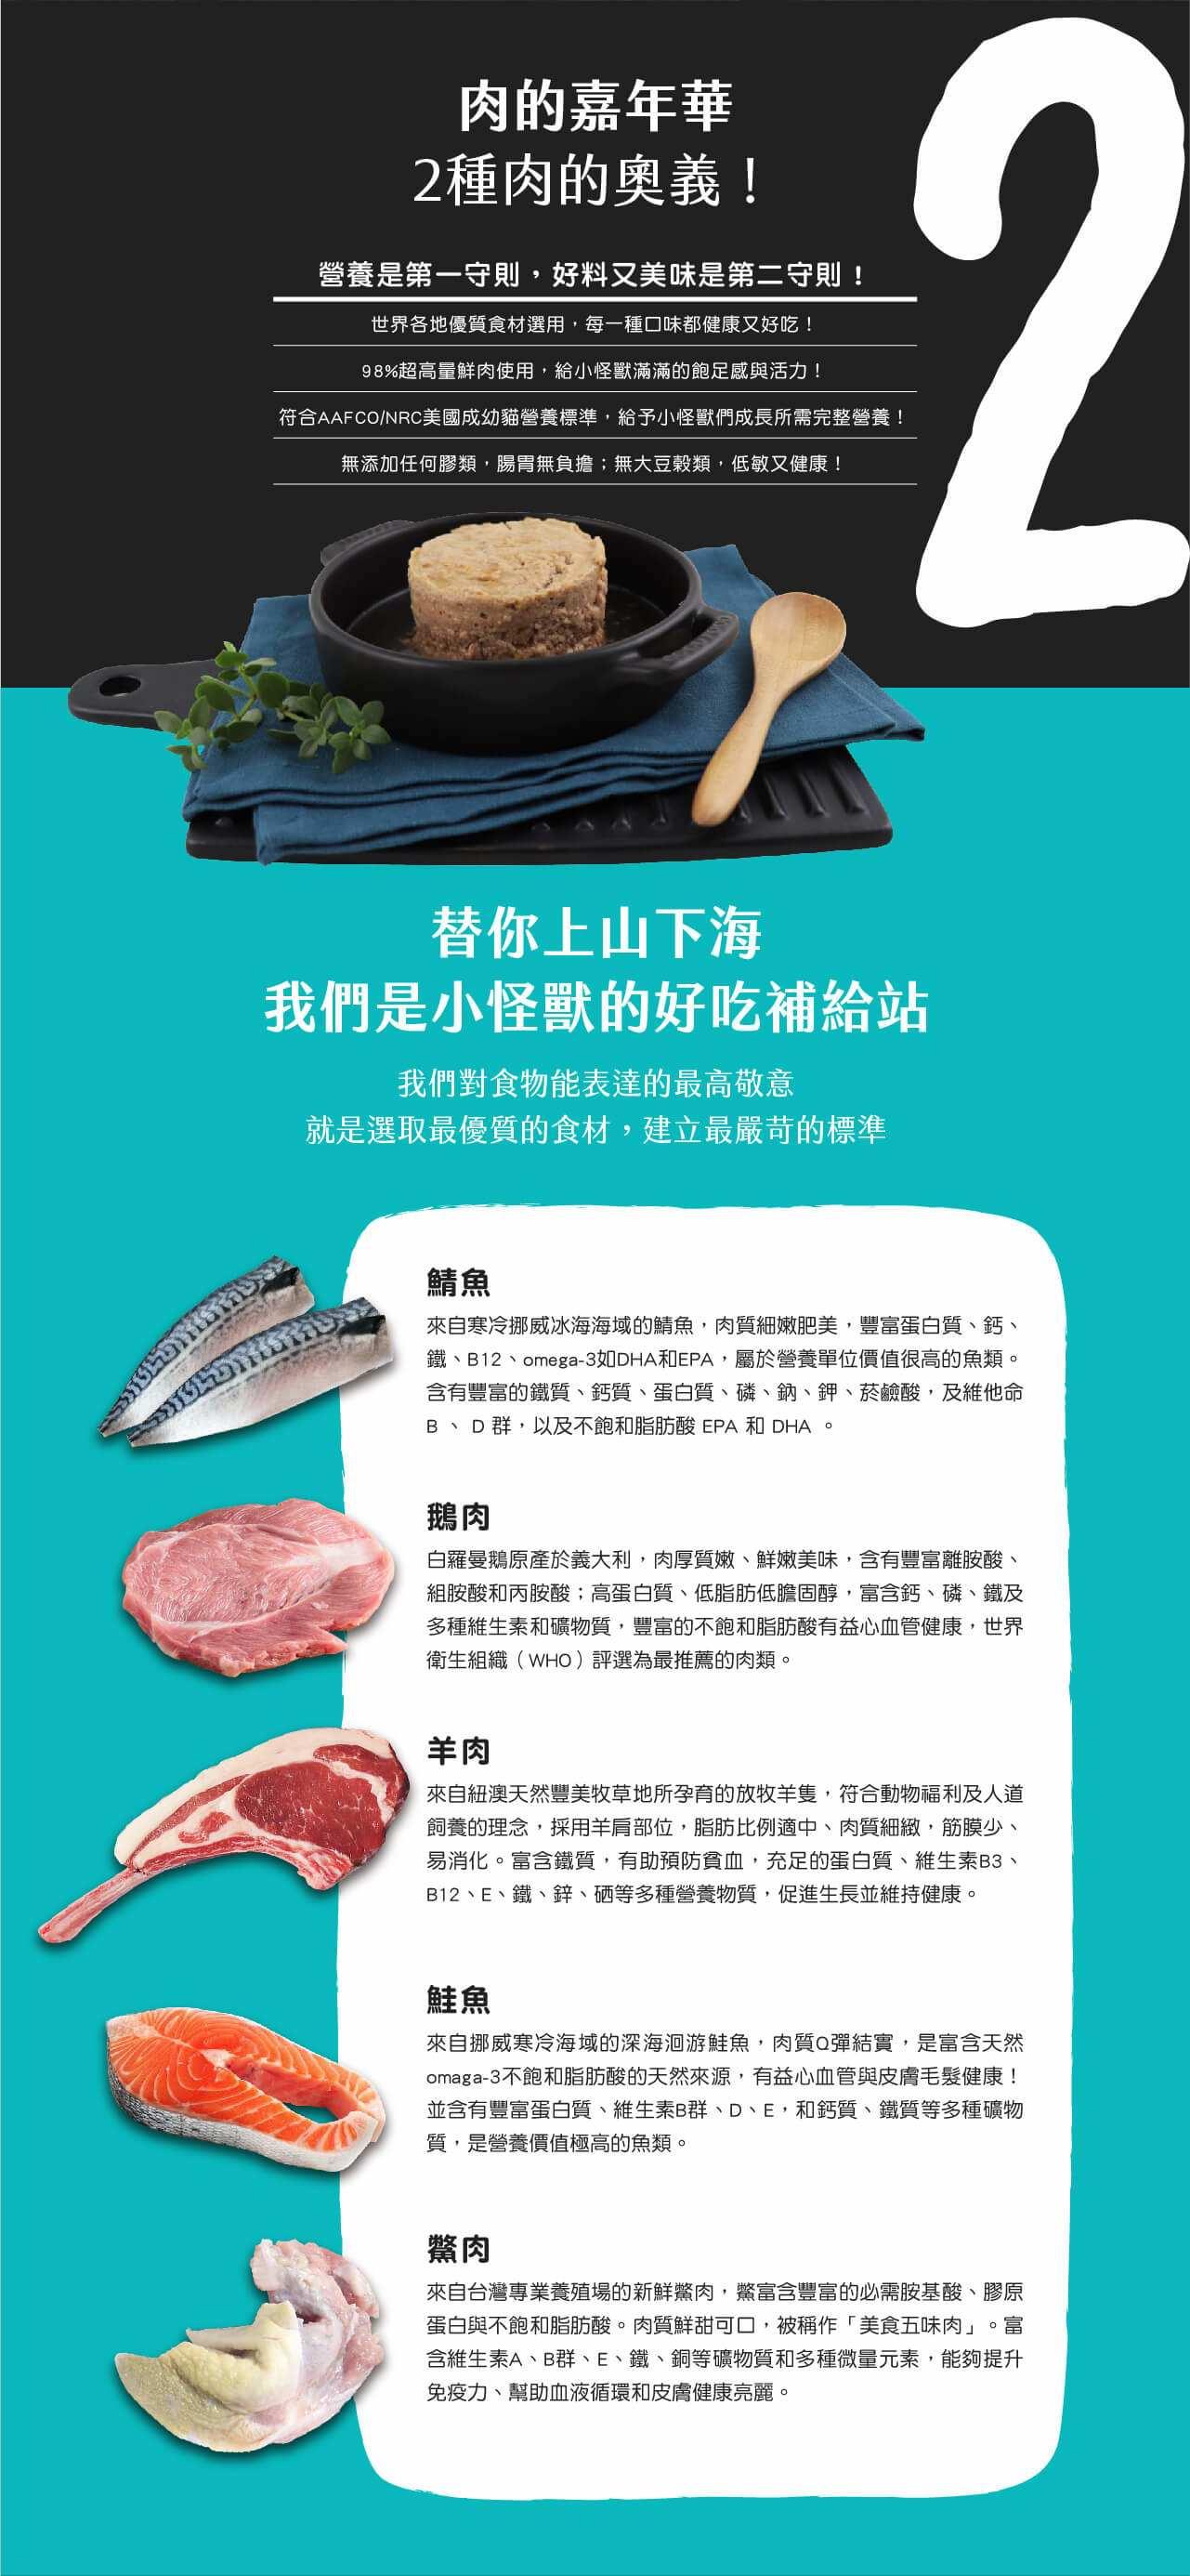 [喵皇帝] 怪獸部落 貓族 小怪獸2種肉無膠主食罐 82G 雞肉鵝肉鯖魚鱉肉羊肉 貓罐頭